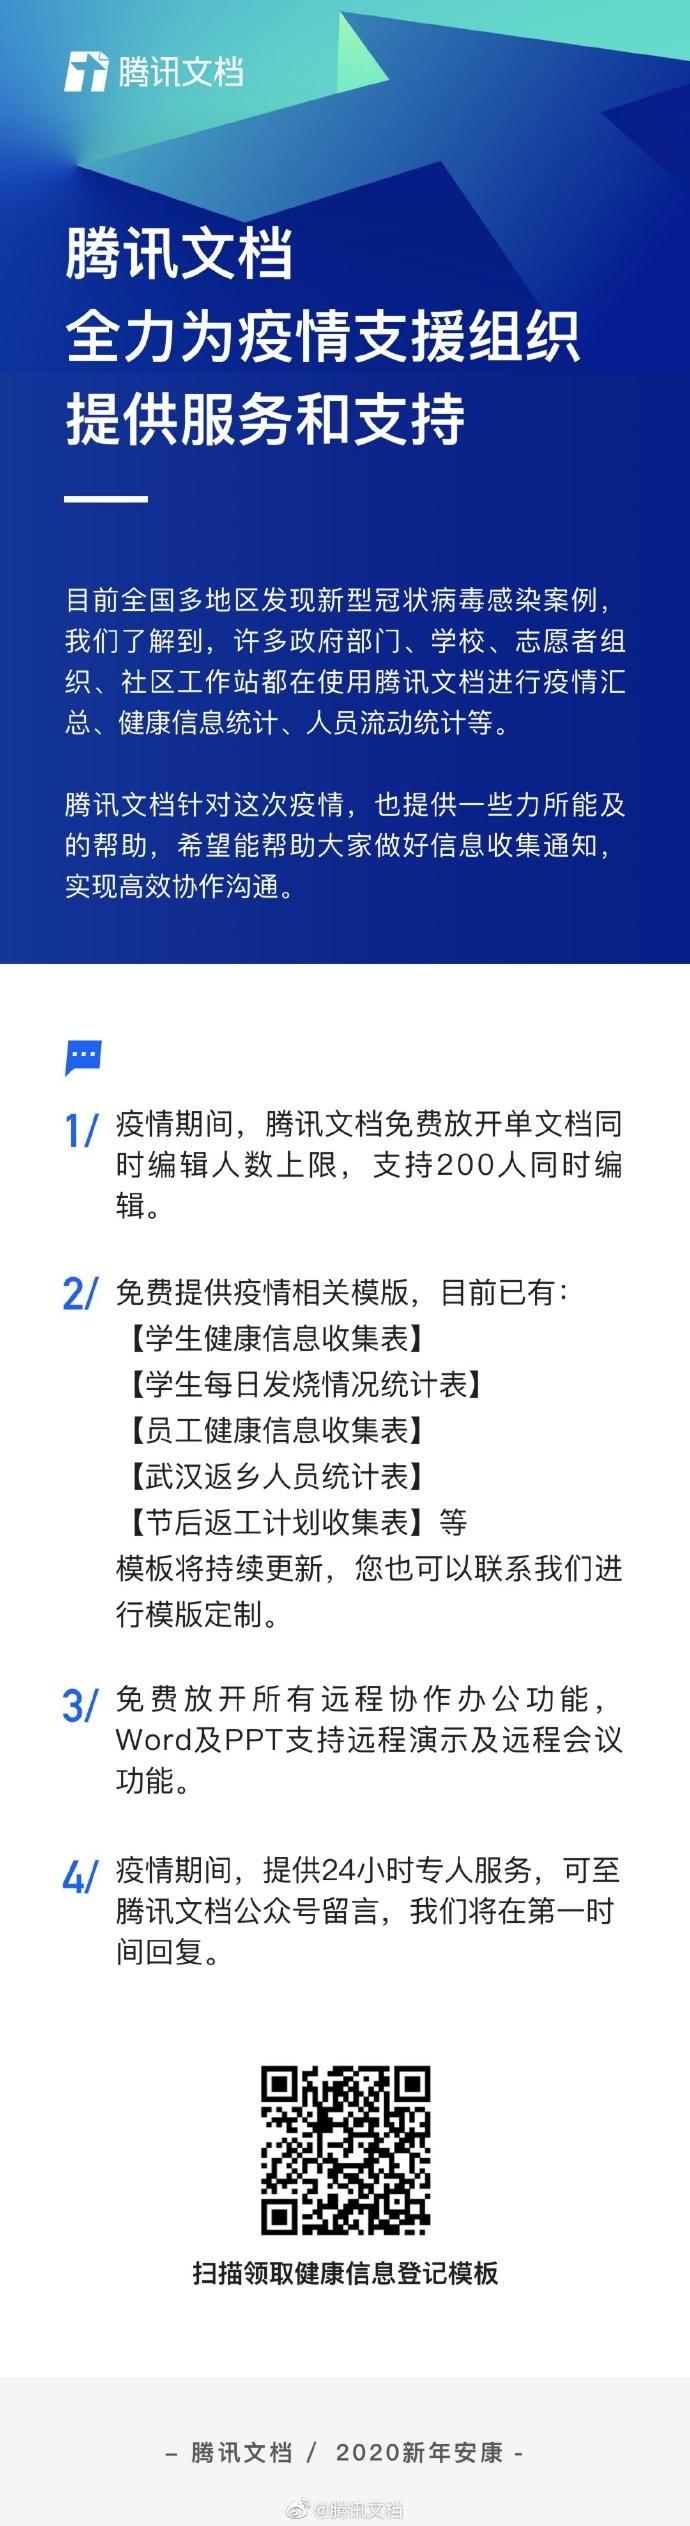 腾讯文档:免费放开单文档同时编辑人数上限,所有远程协作办公功能